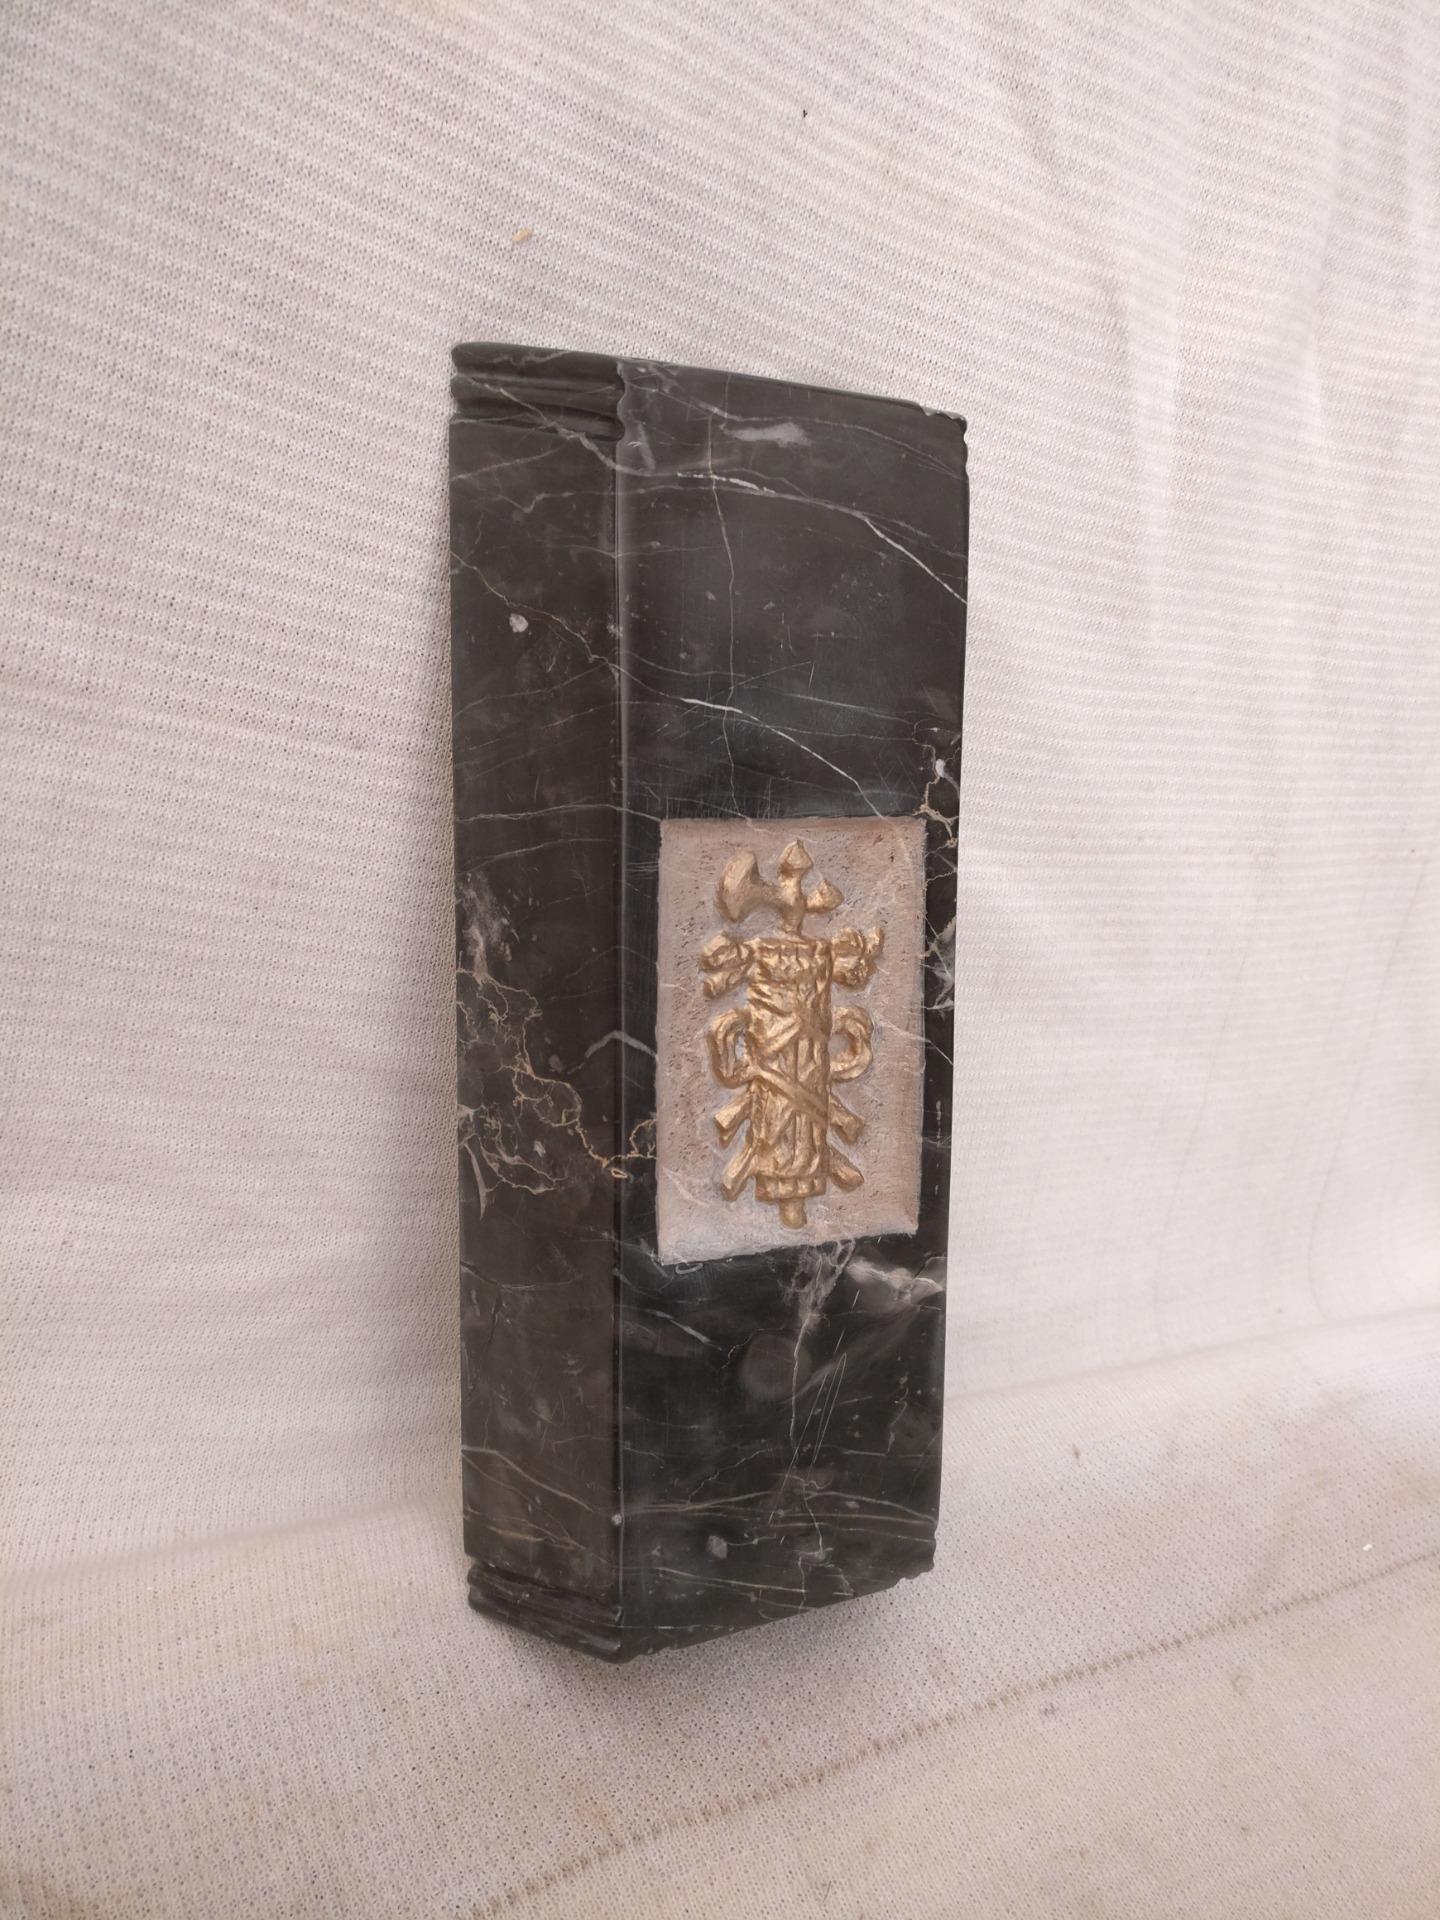 thumb10|Straordinario Portasigari Fascista in marmo nero marquinia con particolare intarsio - Roma - Periodo fascista - 30 x 11,5 x h 6 cm